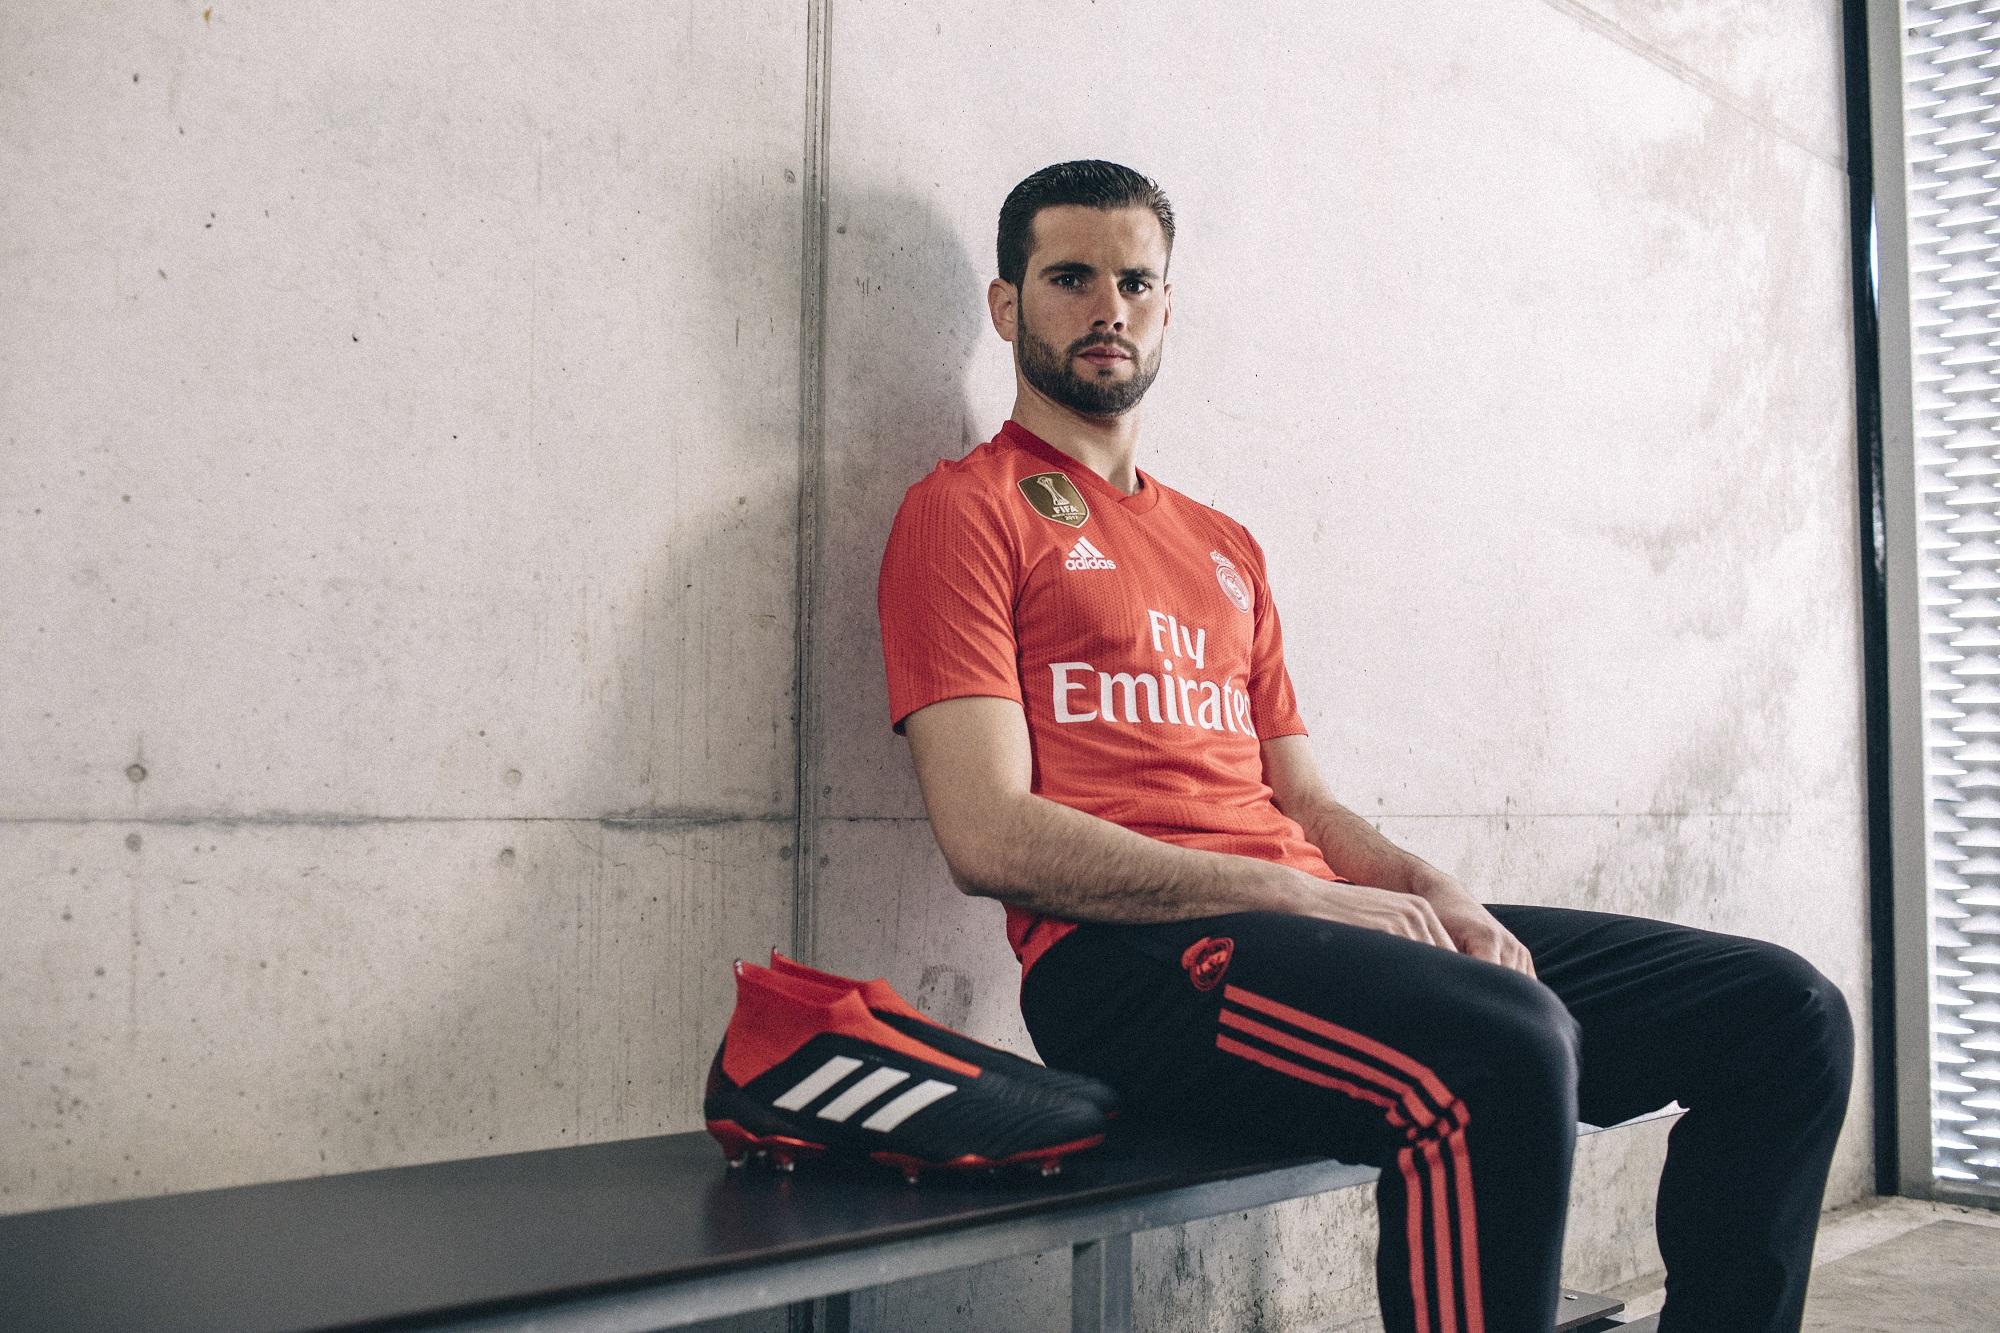 Přední fotbalové kluby používají dresy z mořských odpadků